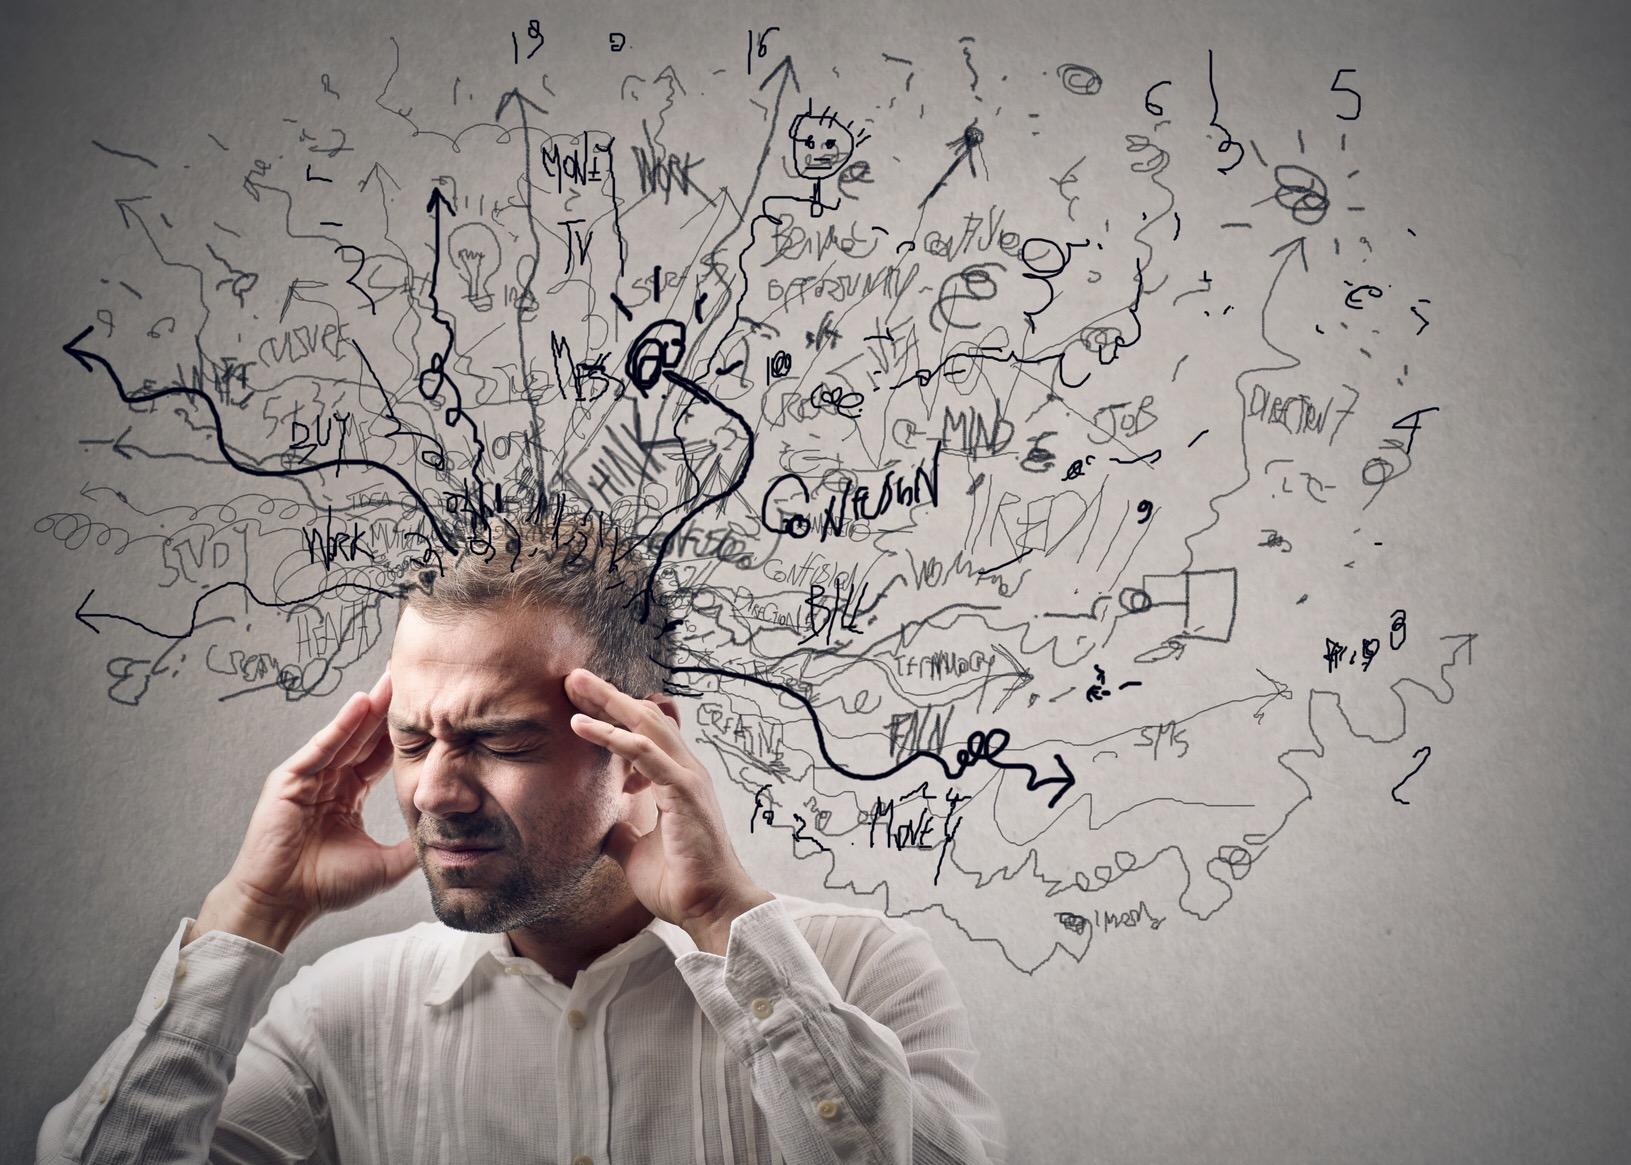 3 ways to survive information overload